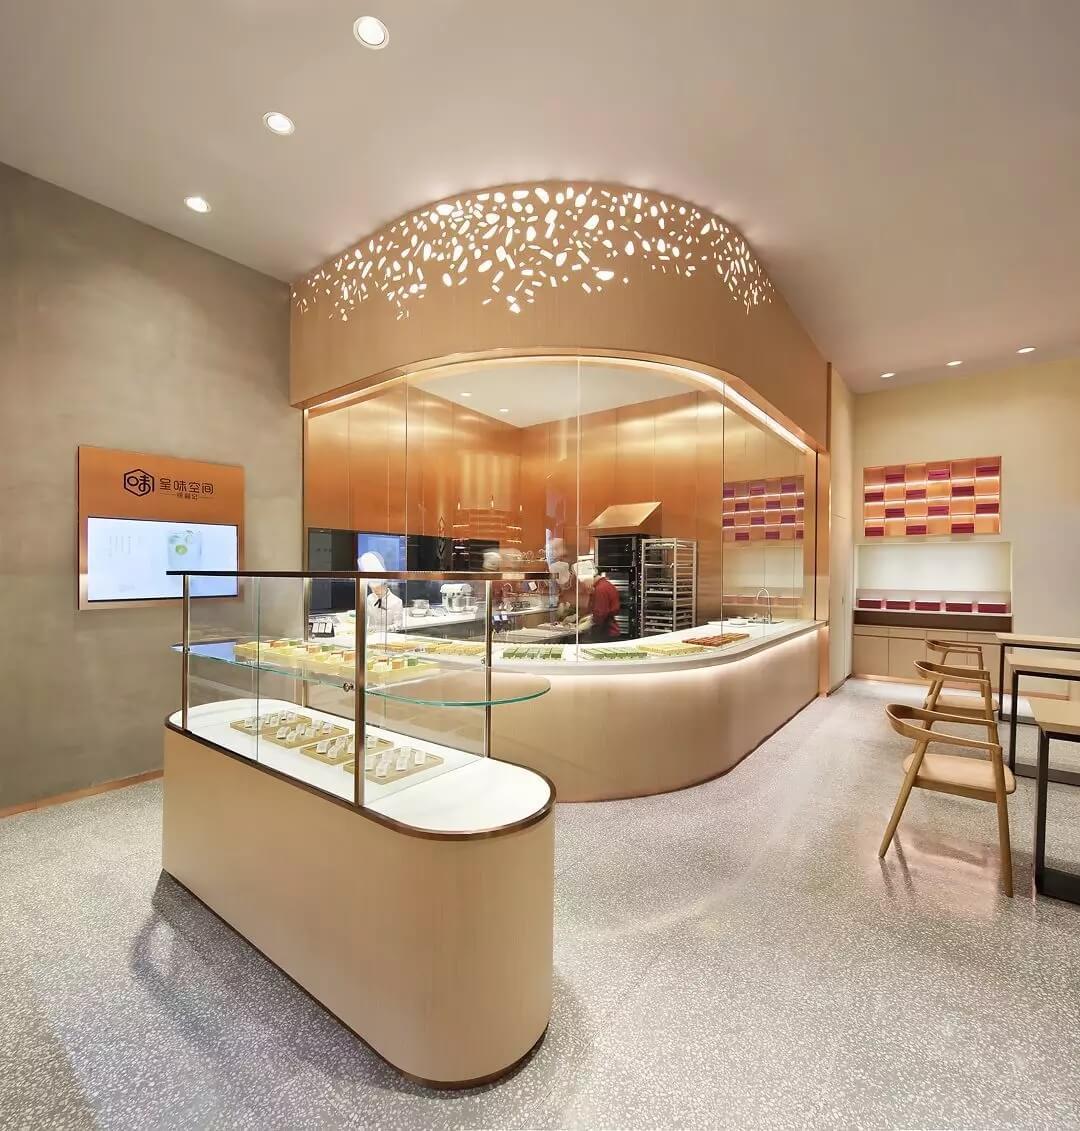 甜品店装修设计的注意事项